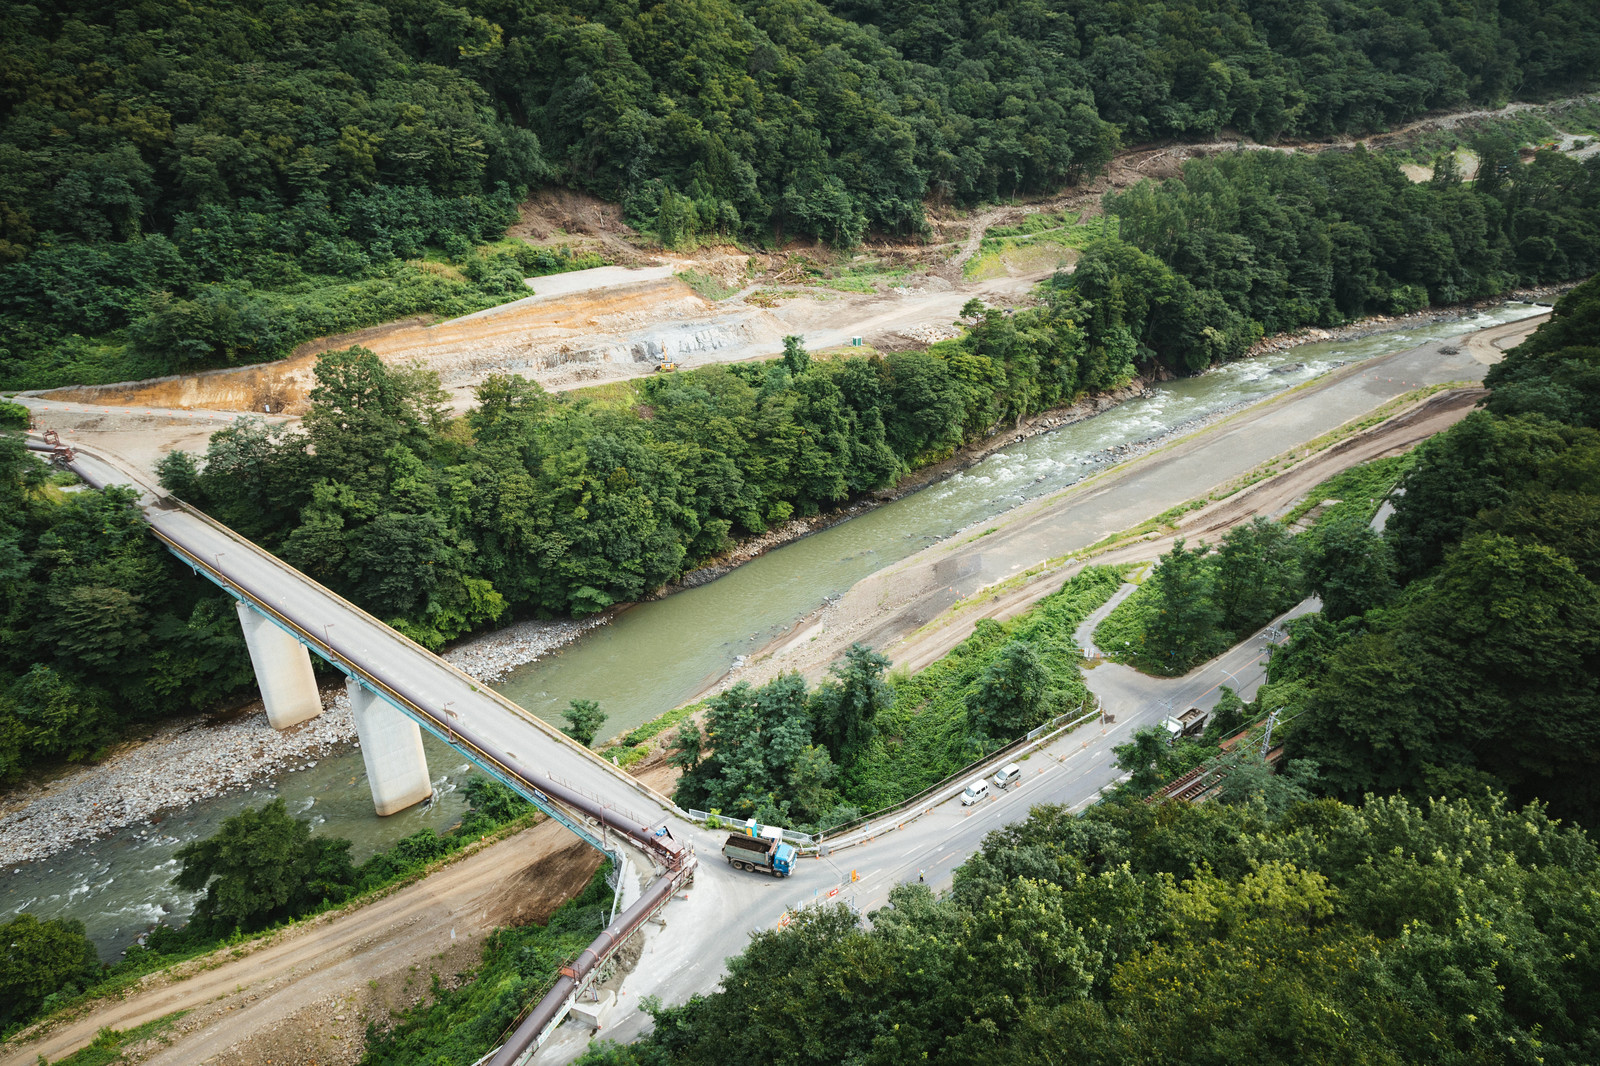 「工事が着々とすすむ八ッ場ダムの様子工事が着々とすすむ八ッ場ダムの様子」のフリー写真素材を拡大